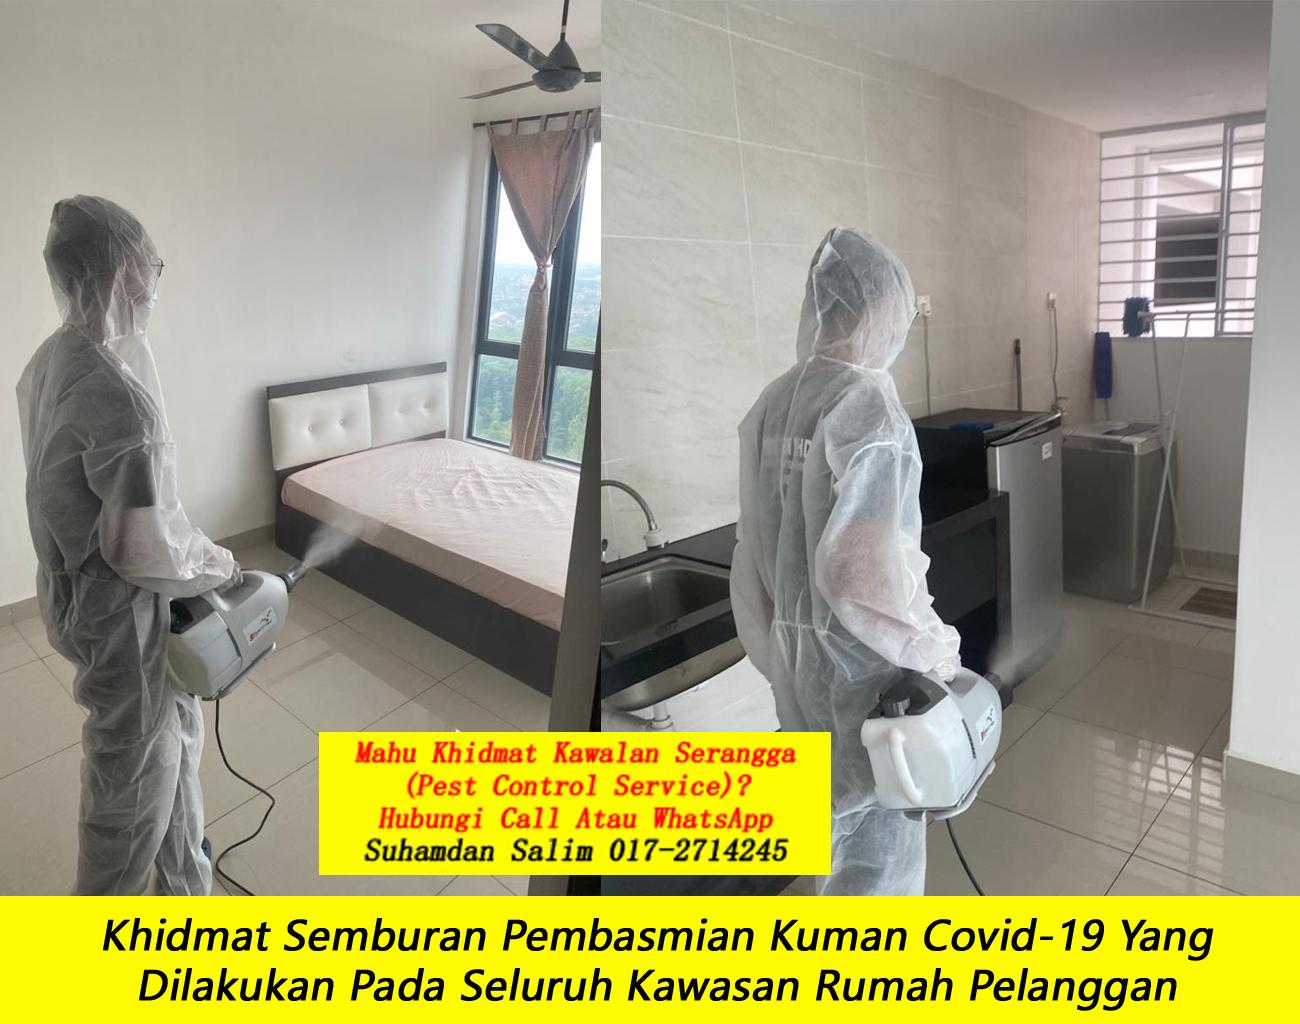 khidmat sanitizing membasmi kuman Covid-19 Disinfection Service semburan sanitize covid 19 paling berkesan dengan harga berpatutan the best service covid-19 Maluri kl